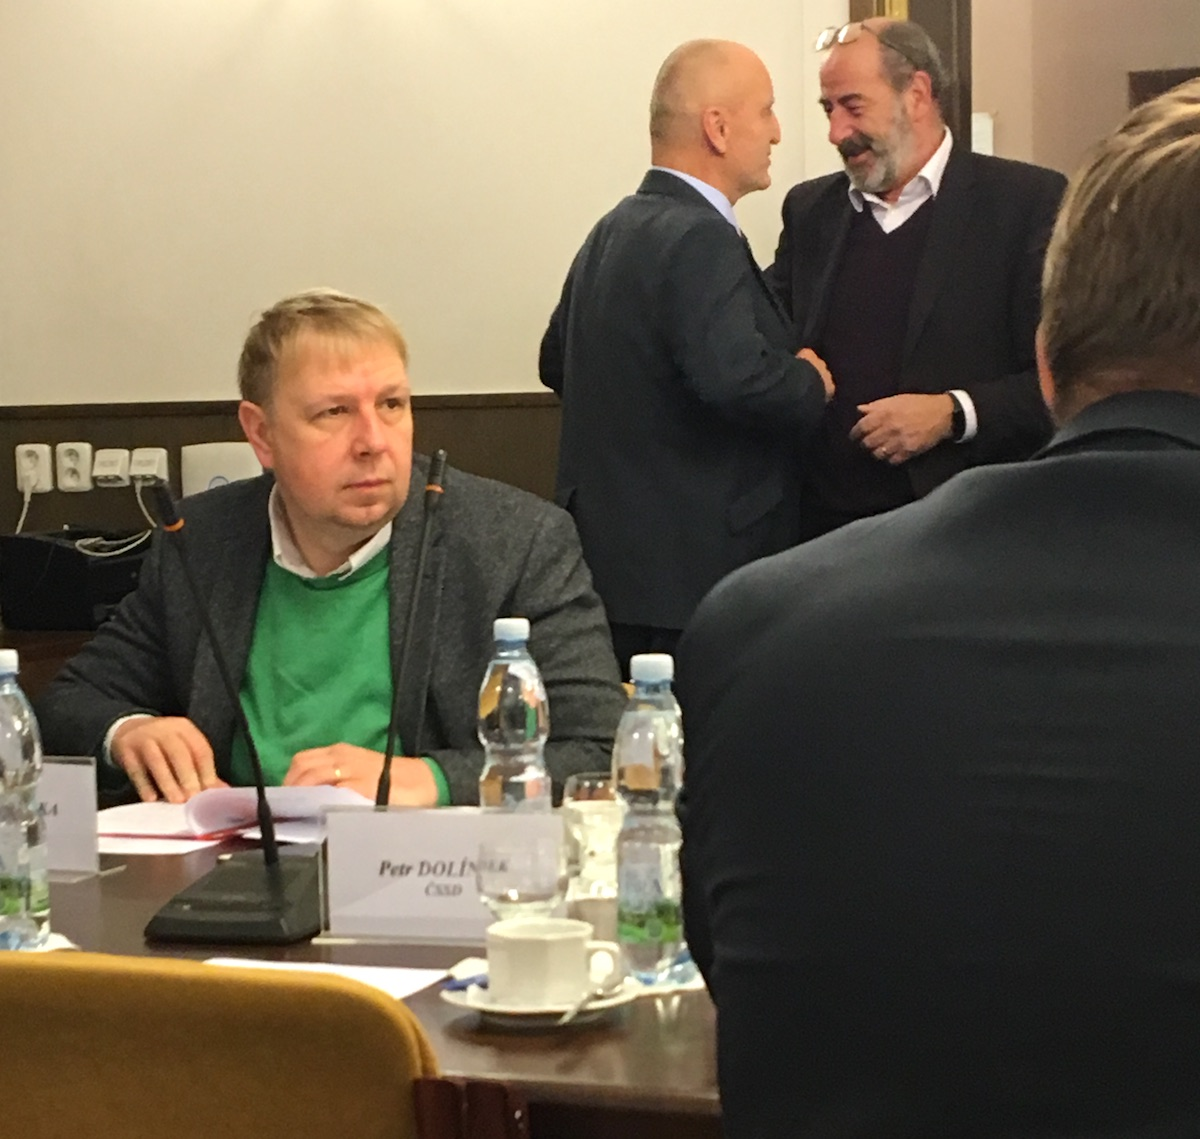 Novým členem volebního výboru je Aleš Juchelka, čerstván poslanec ANO, známý jako moderátor hudebního televizního pořadu Medúza a v minulých letech ostravský zastupitel za TOP 09